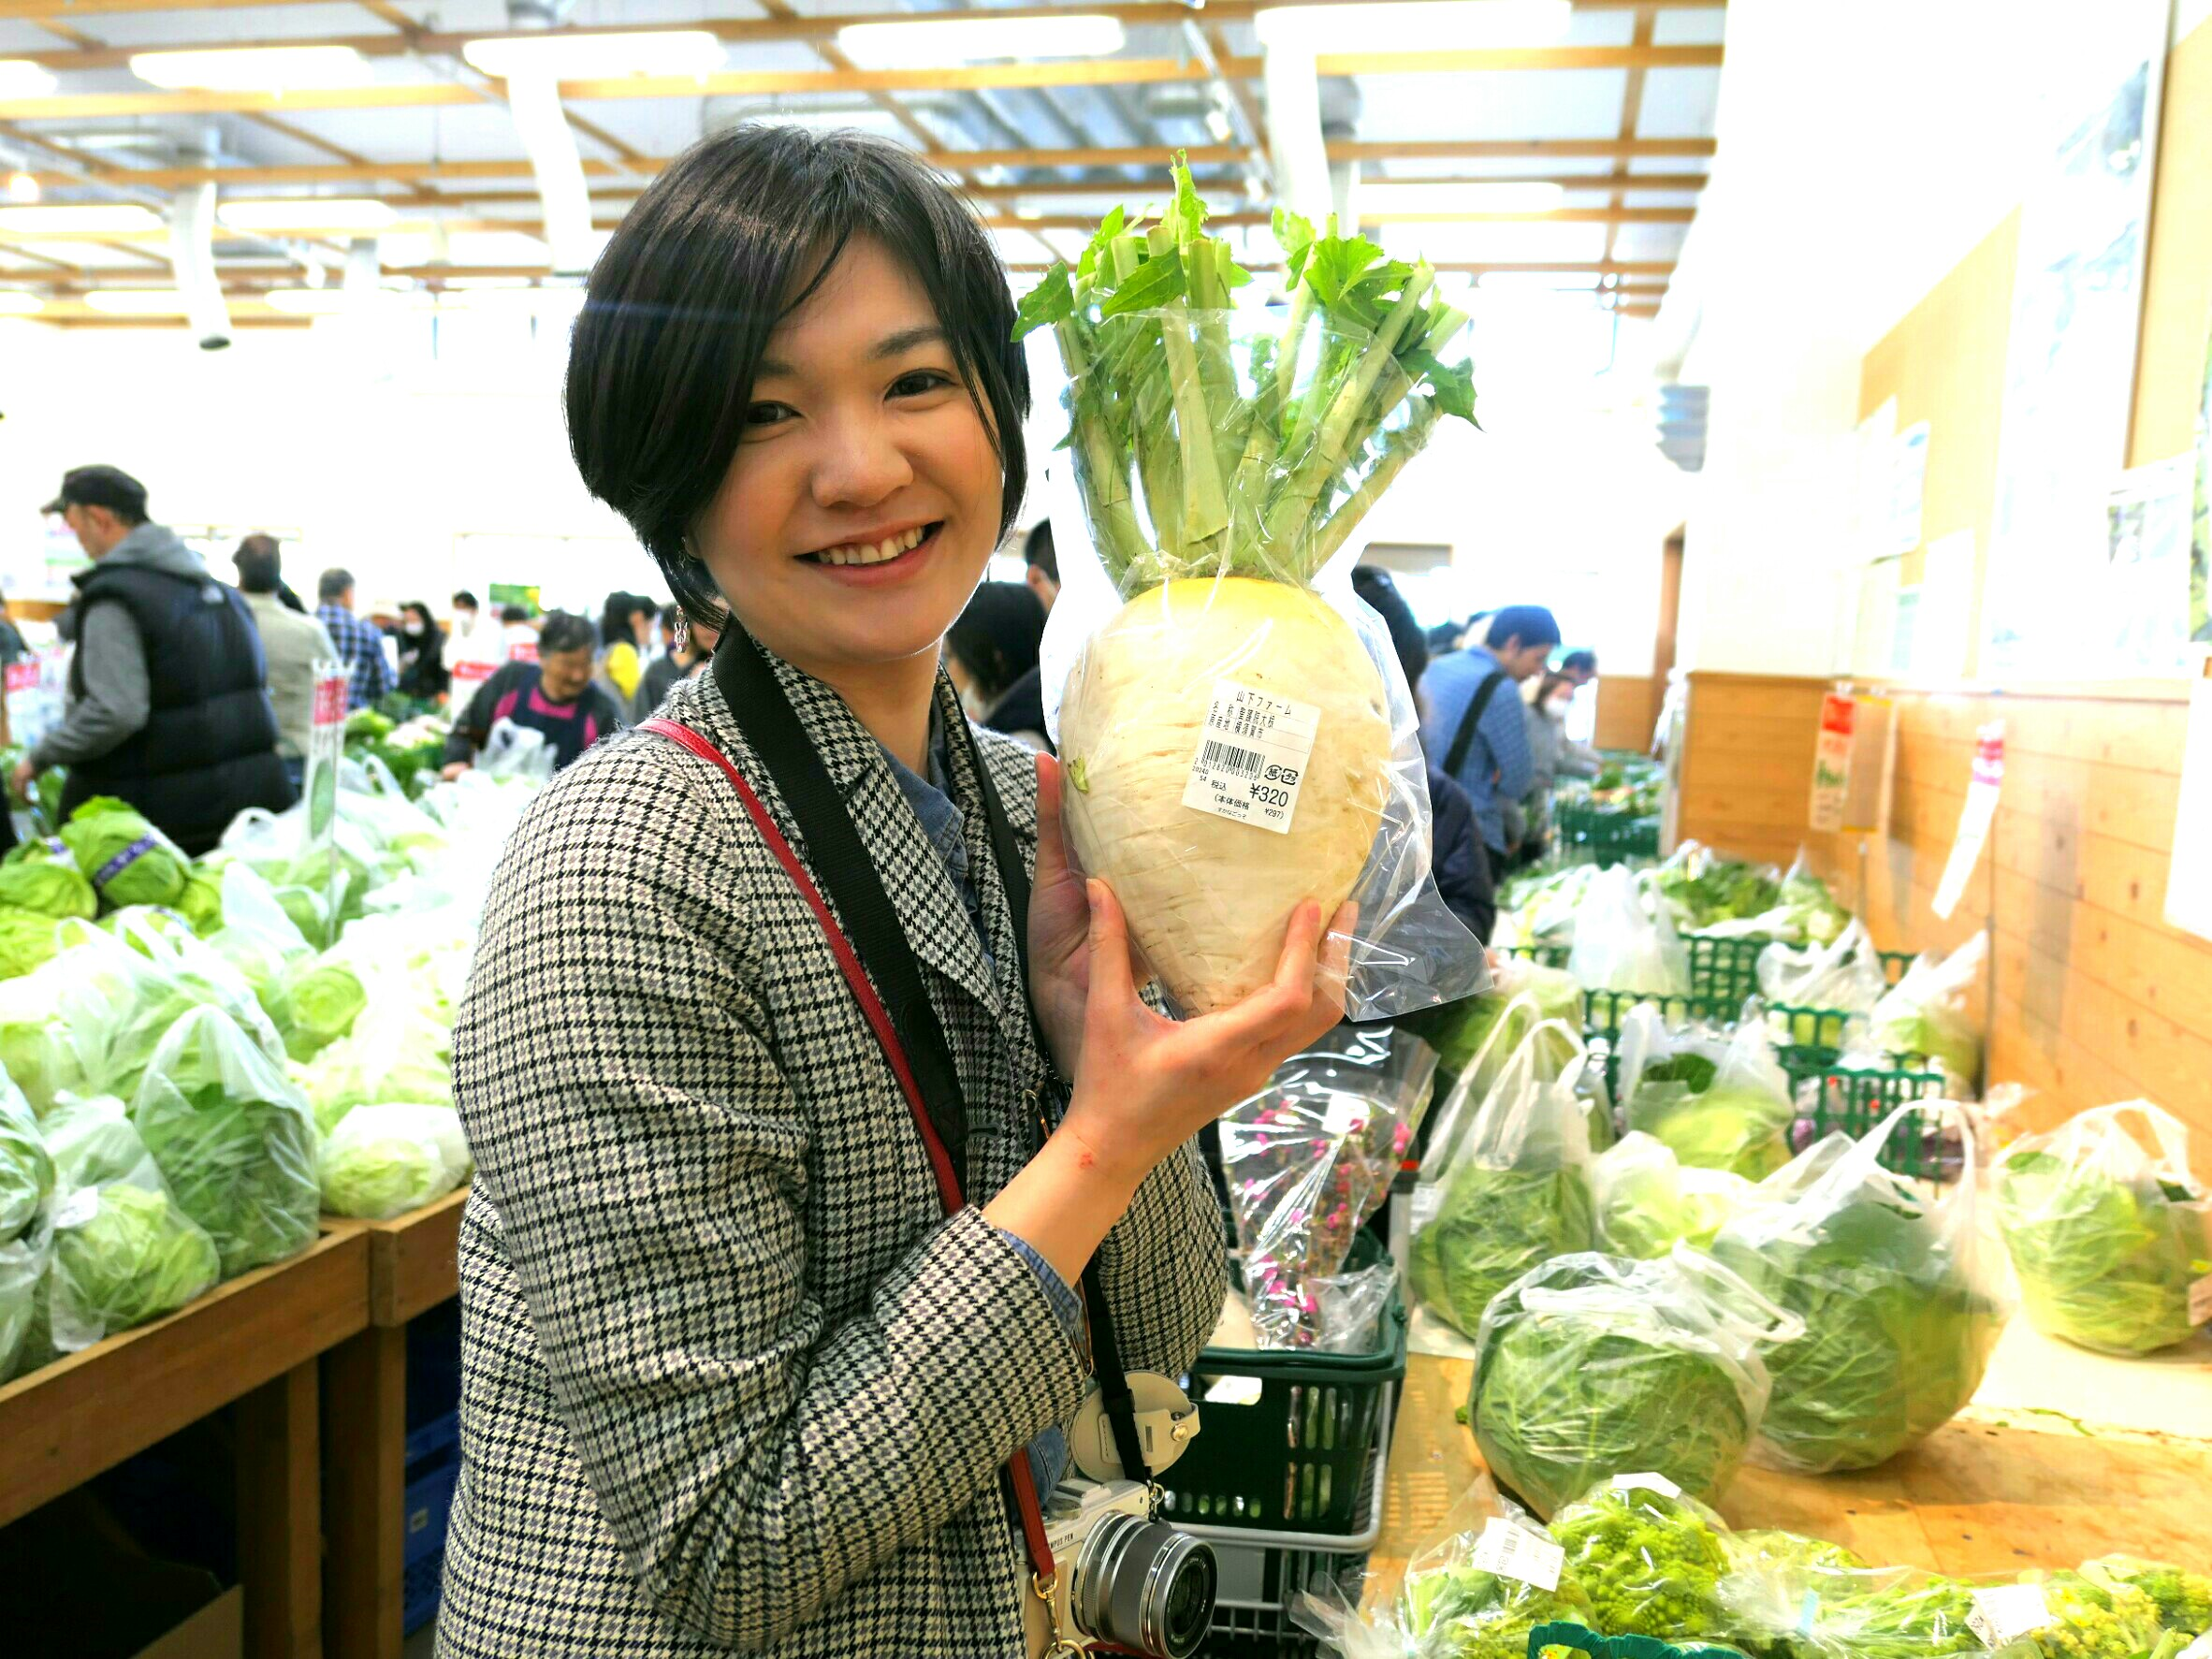 3月11日(日)横須賀体感ツアーレポ③すかなごっそで地元新鮮野菜★